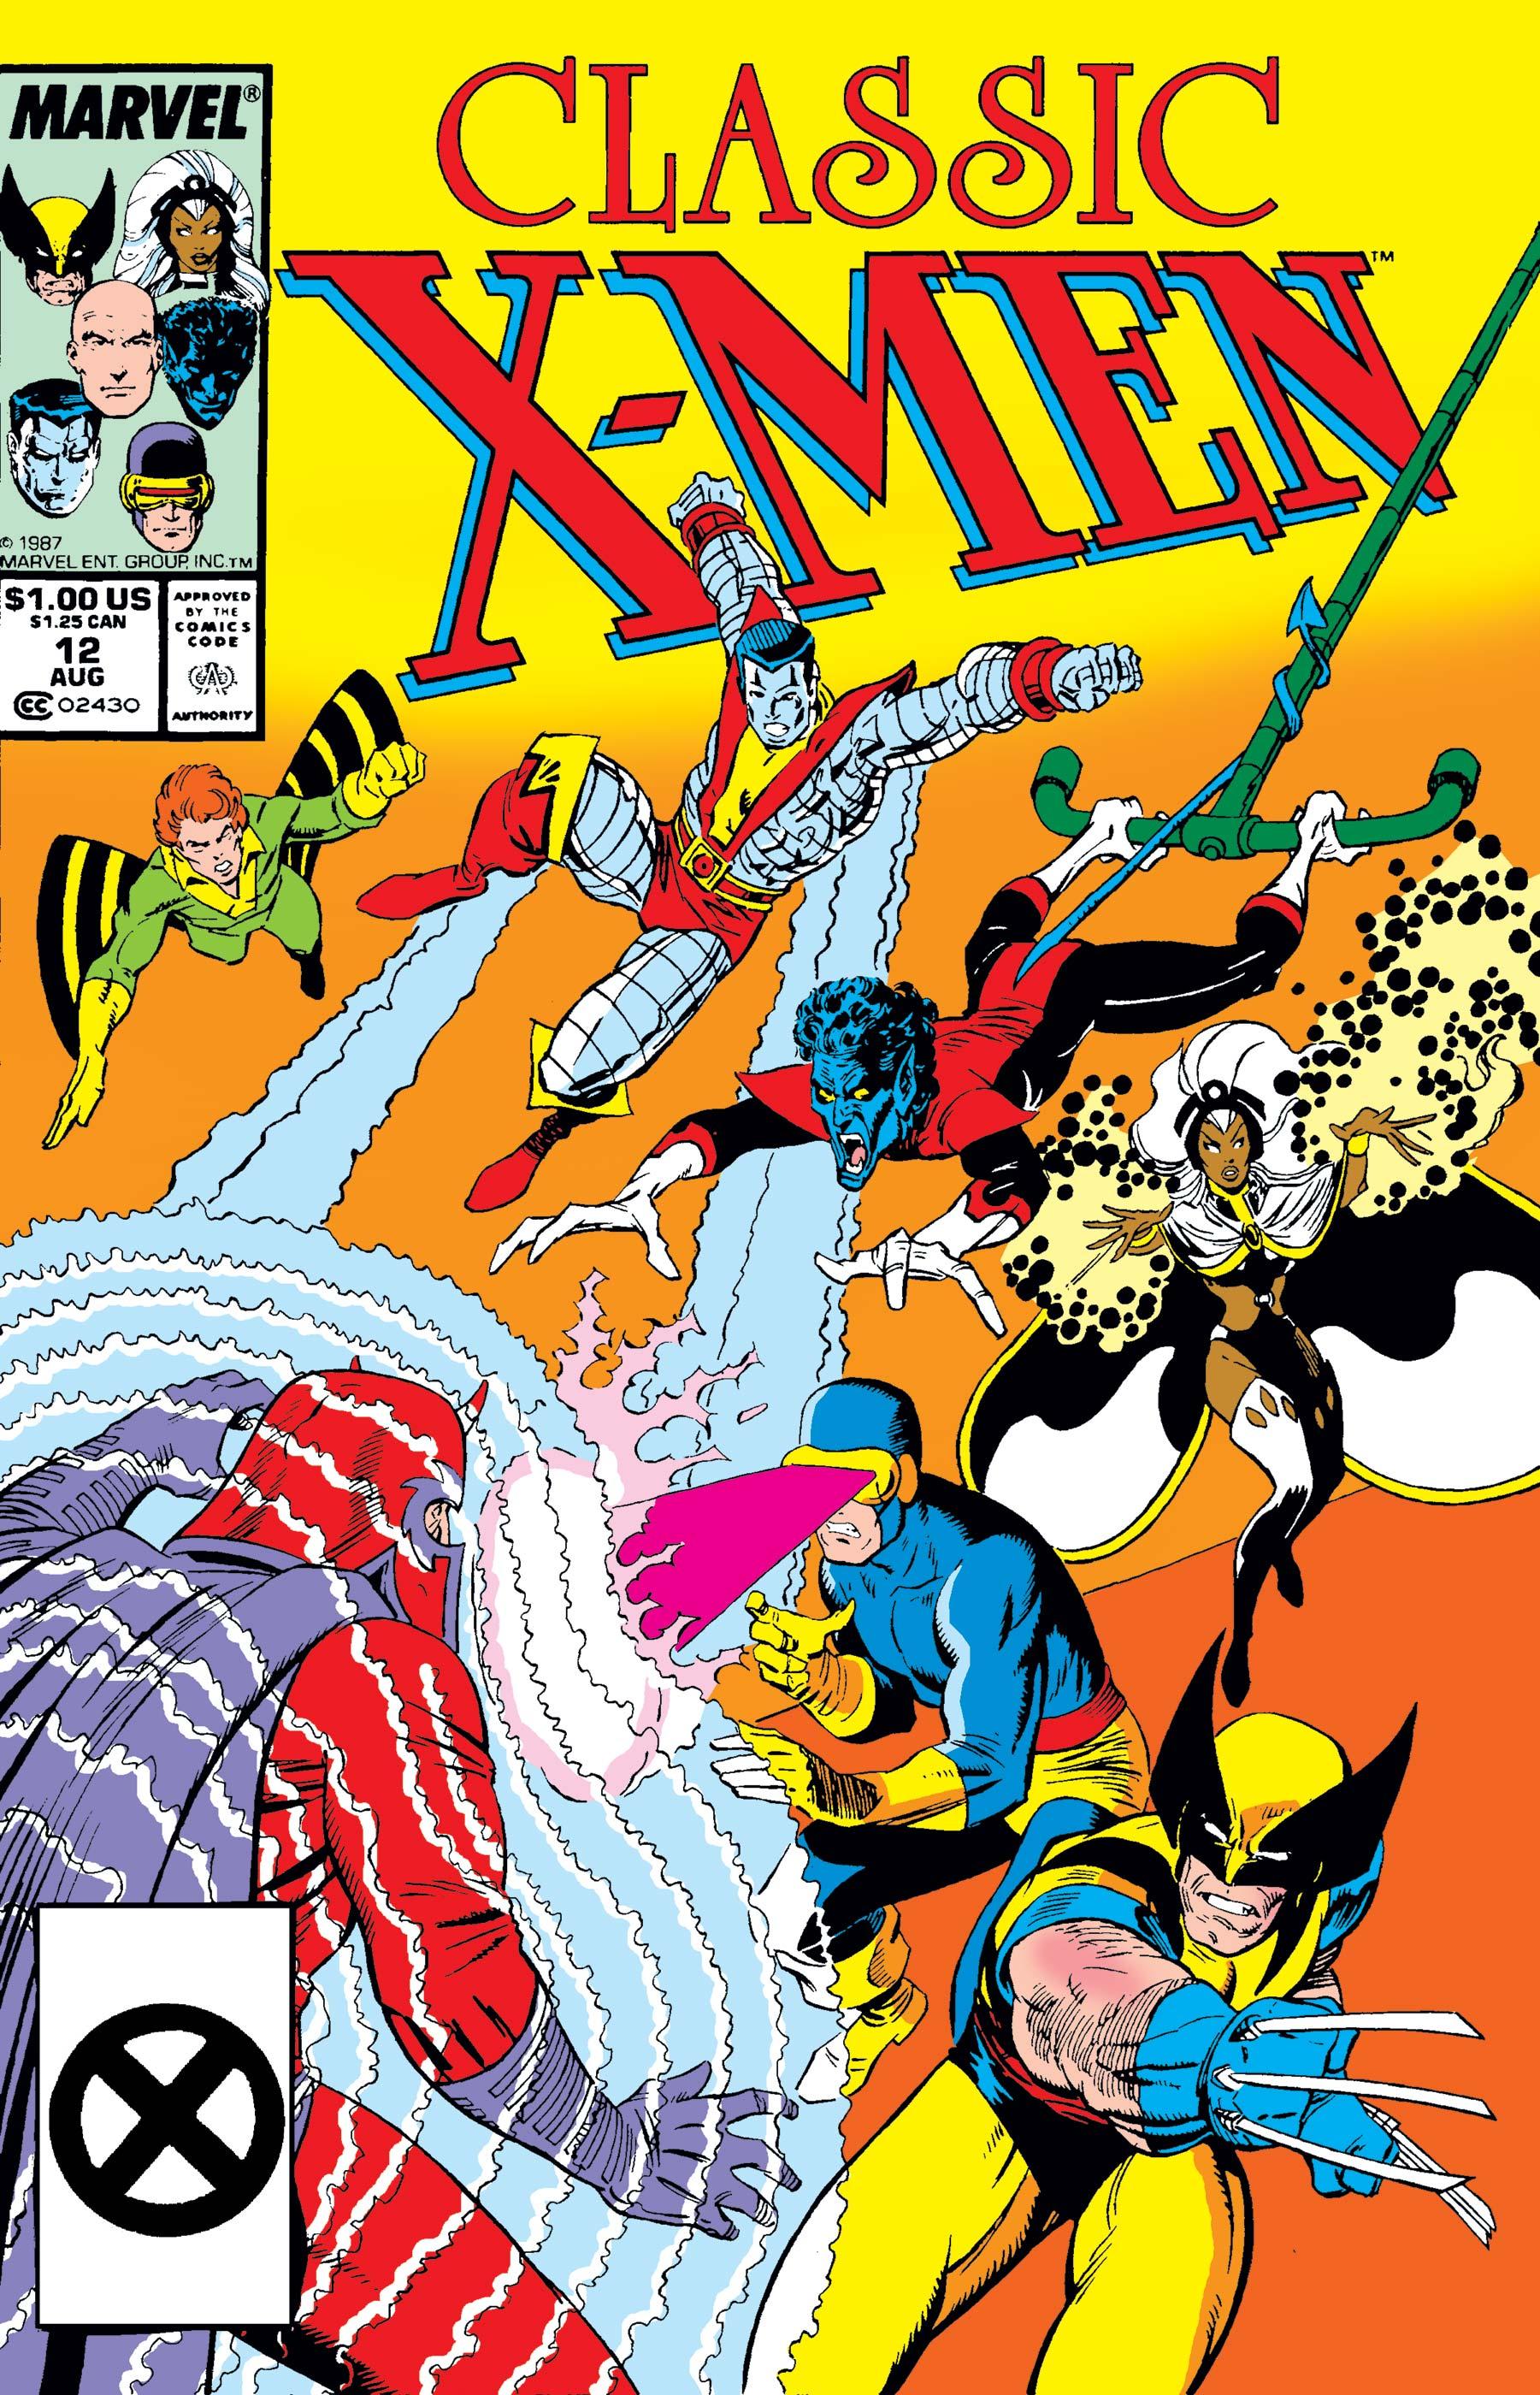 Classic X-Men (1986) #12